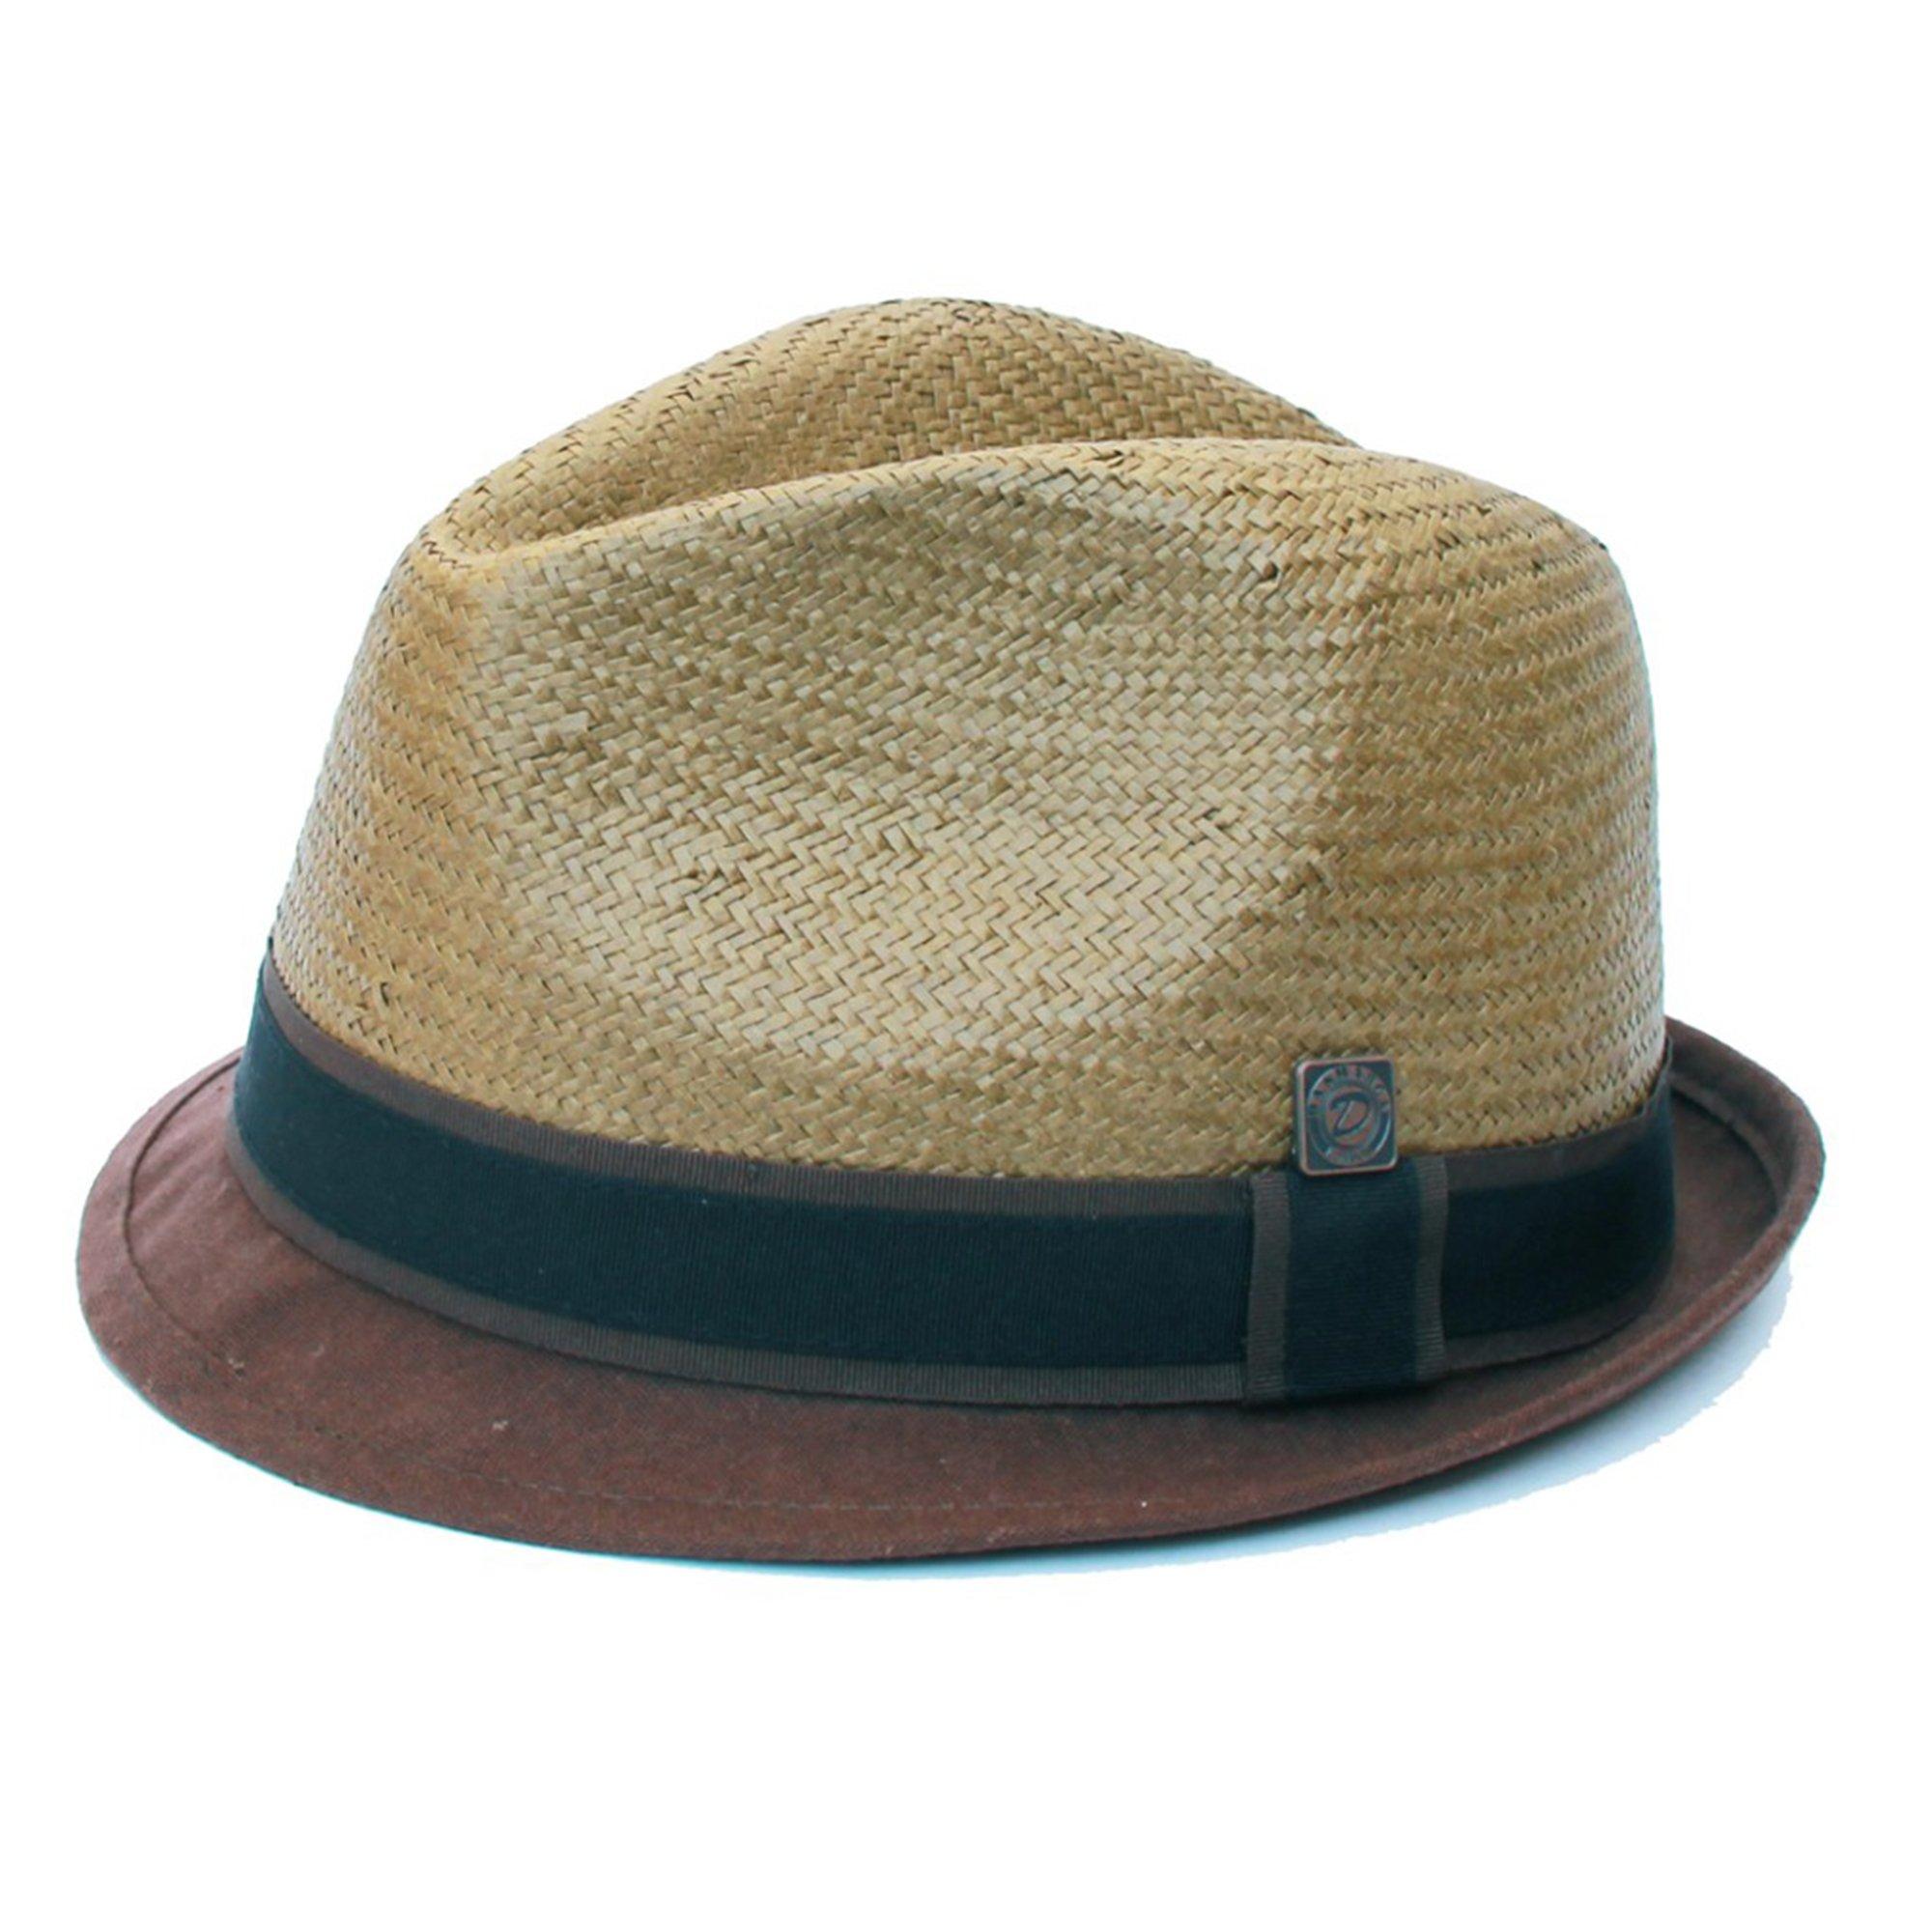 Dasmarca Harley Chocolate Short Linen Brim Retro Lightweight Summer Straw Trilby Hat - XL